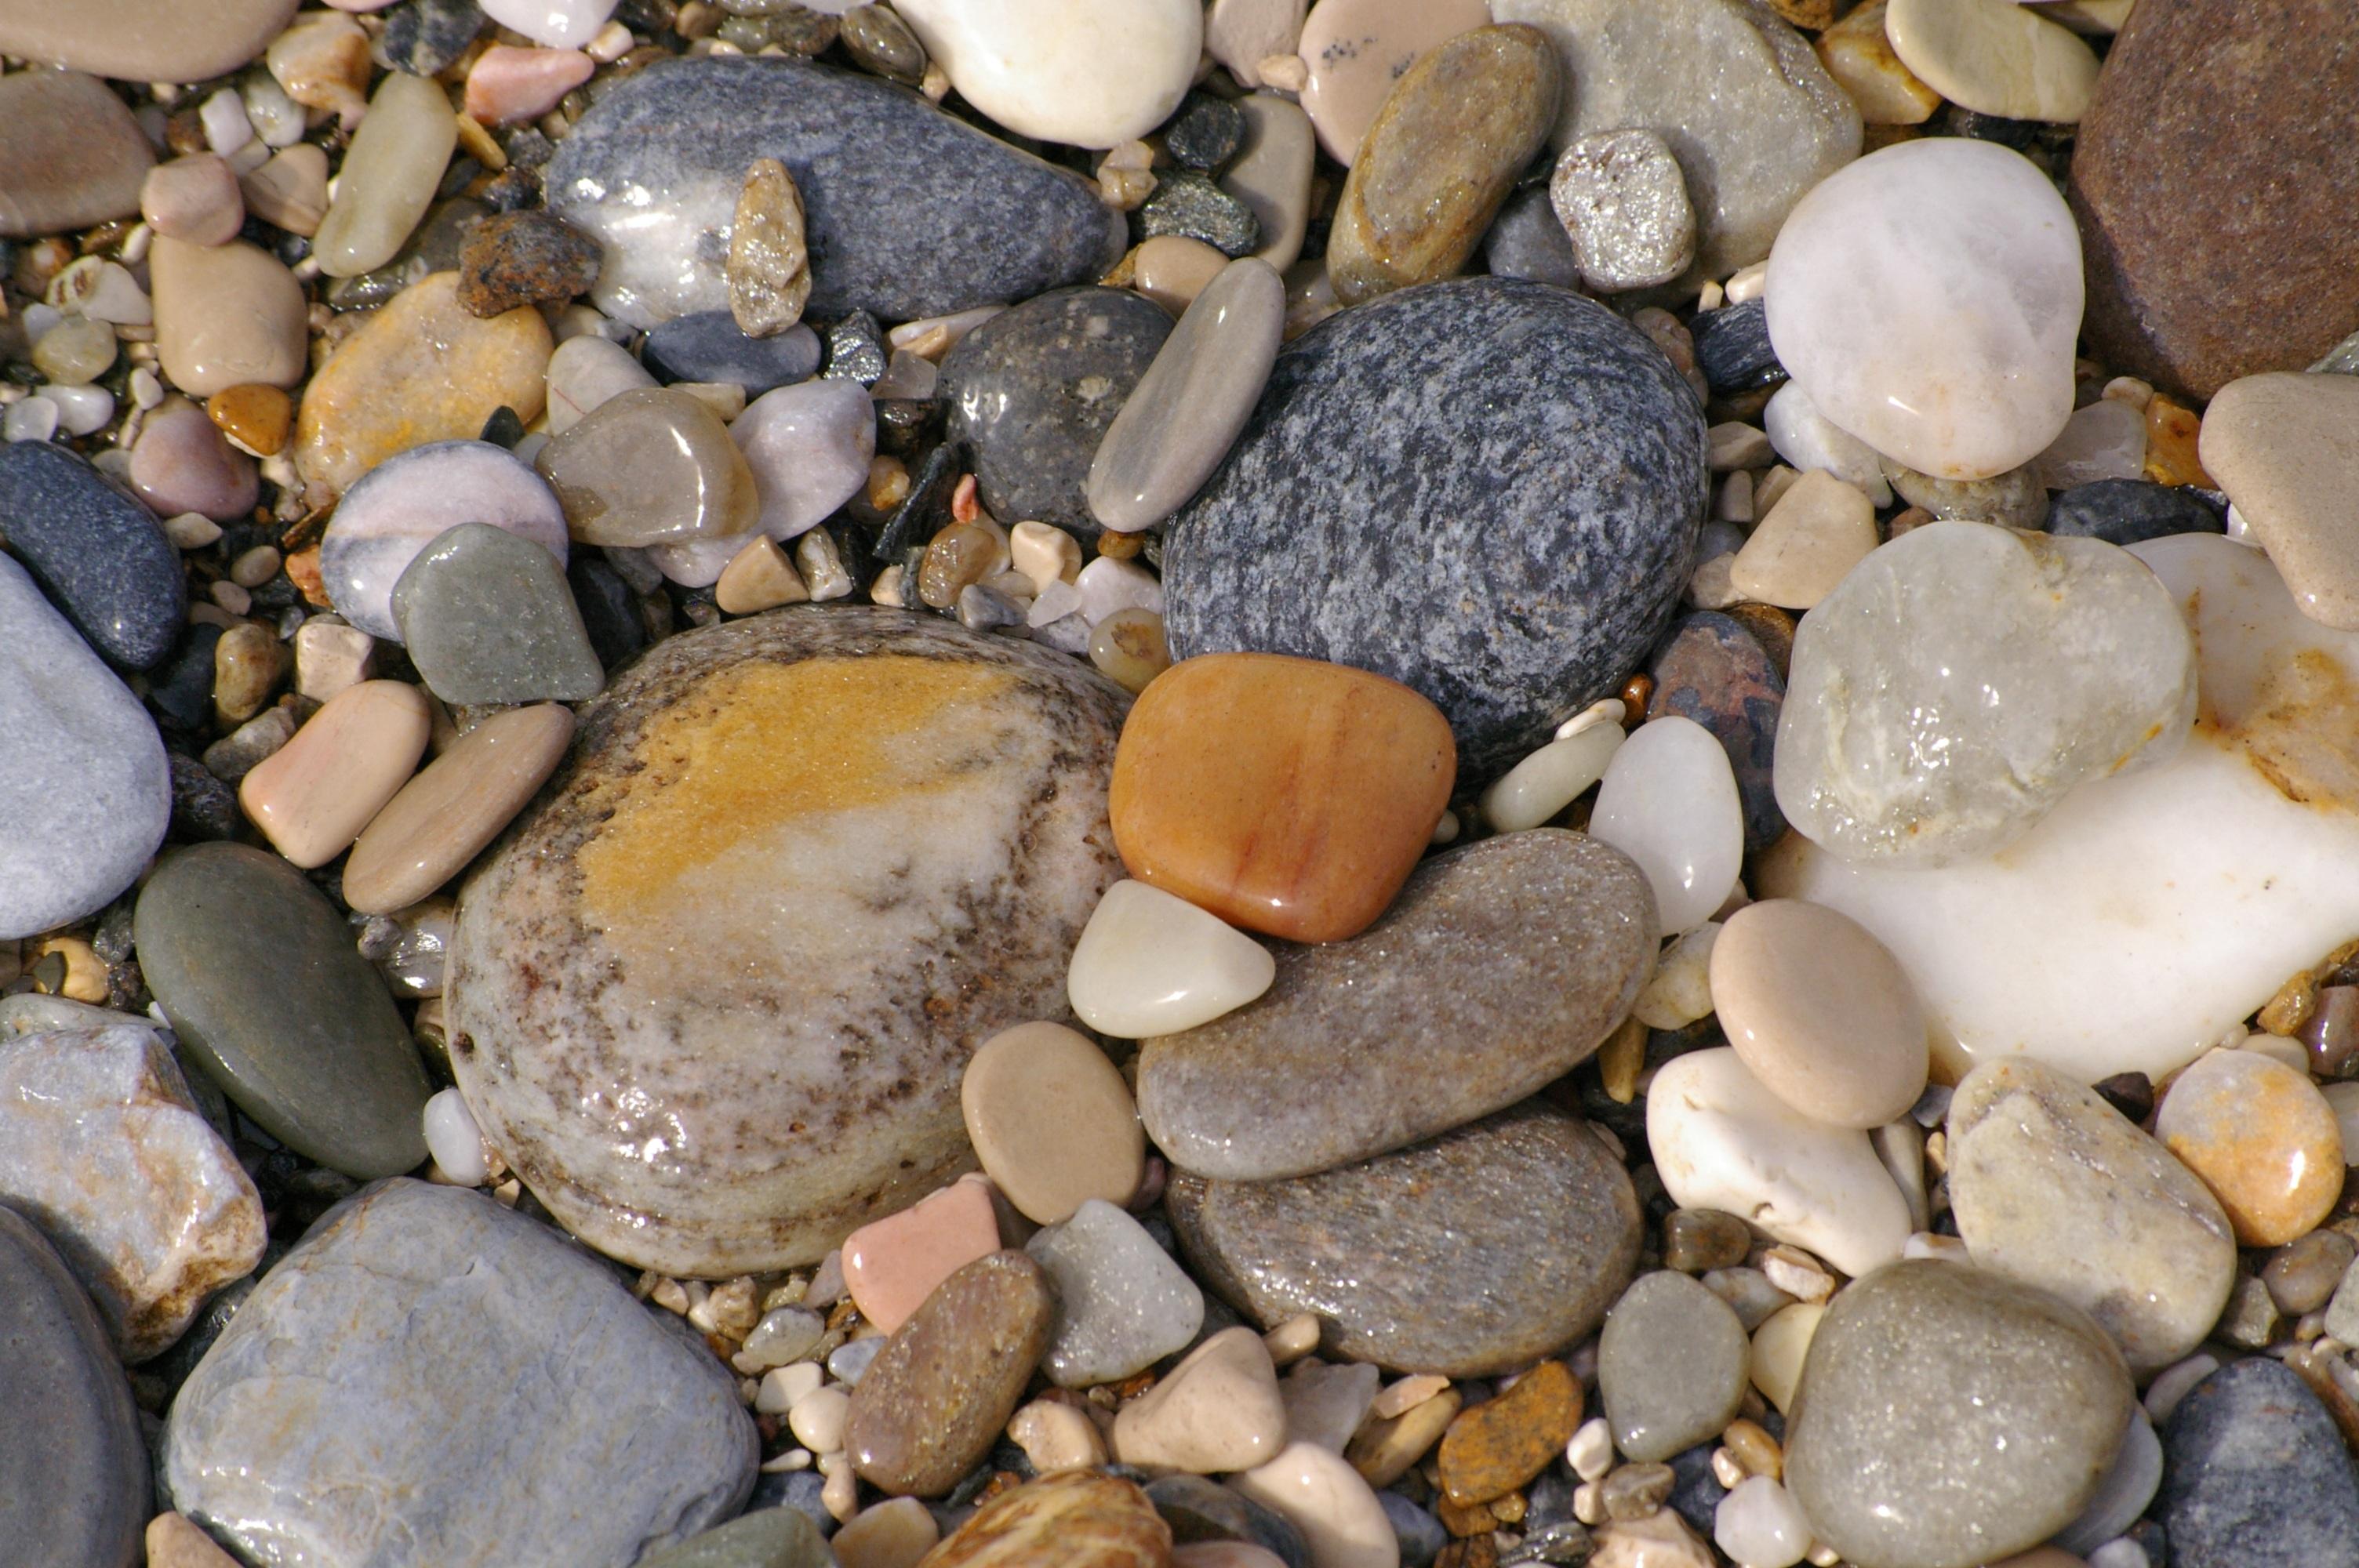 фото морских камушек на море белорусская кухня